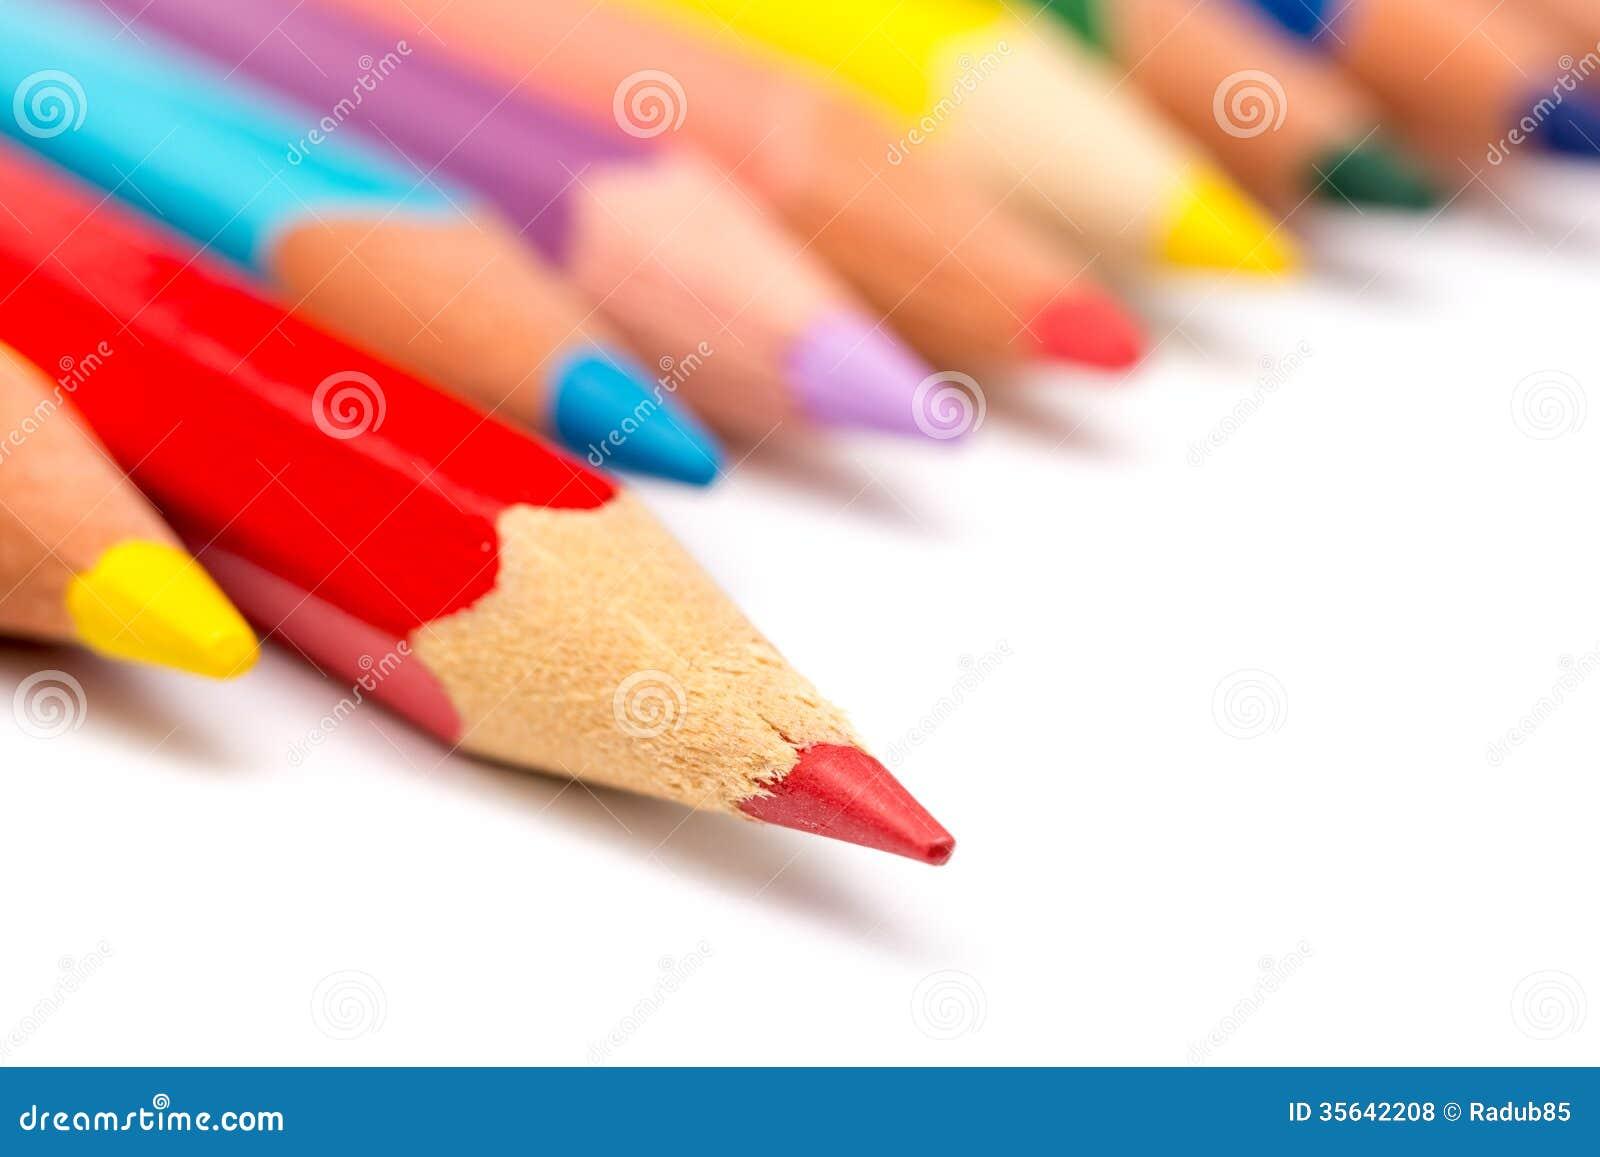 82c2140c09e7 Rote Farbton-Bleistift-Steigerung Stockfoto - Bild von ...